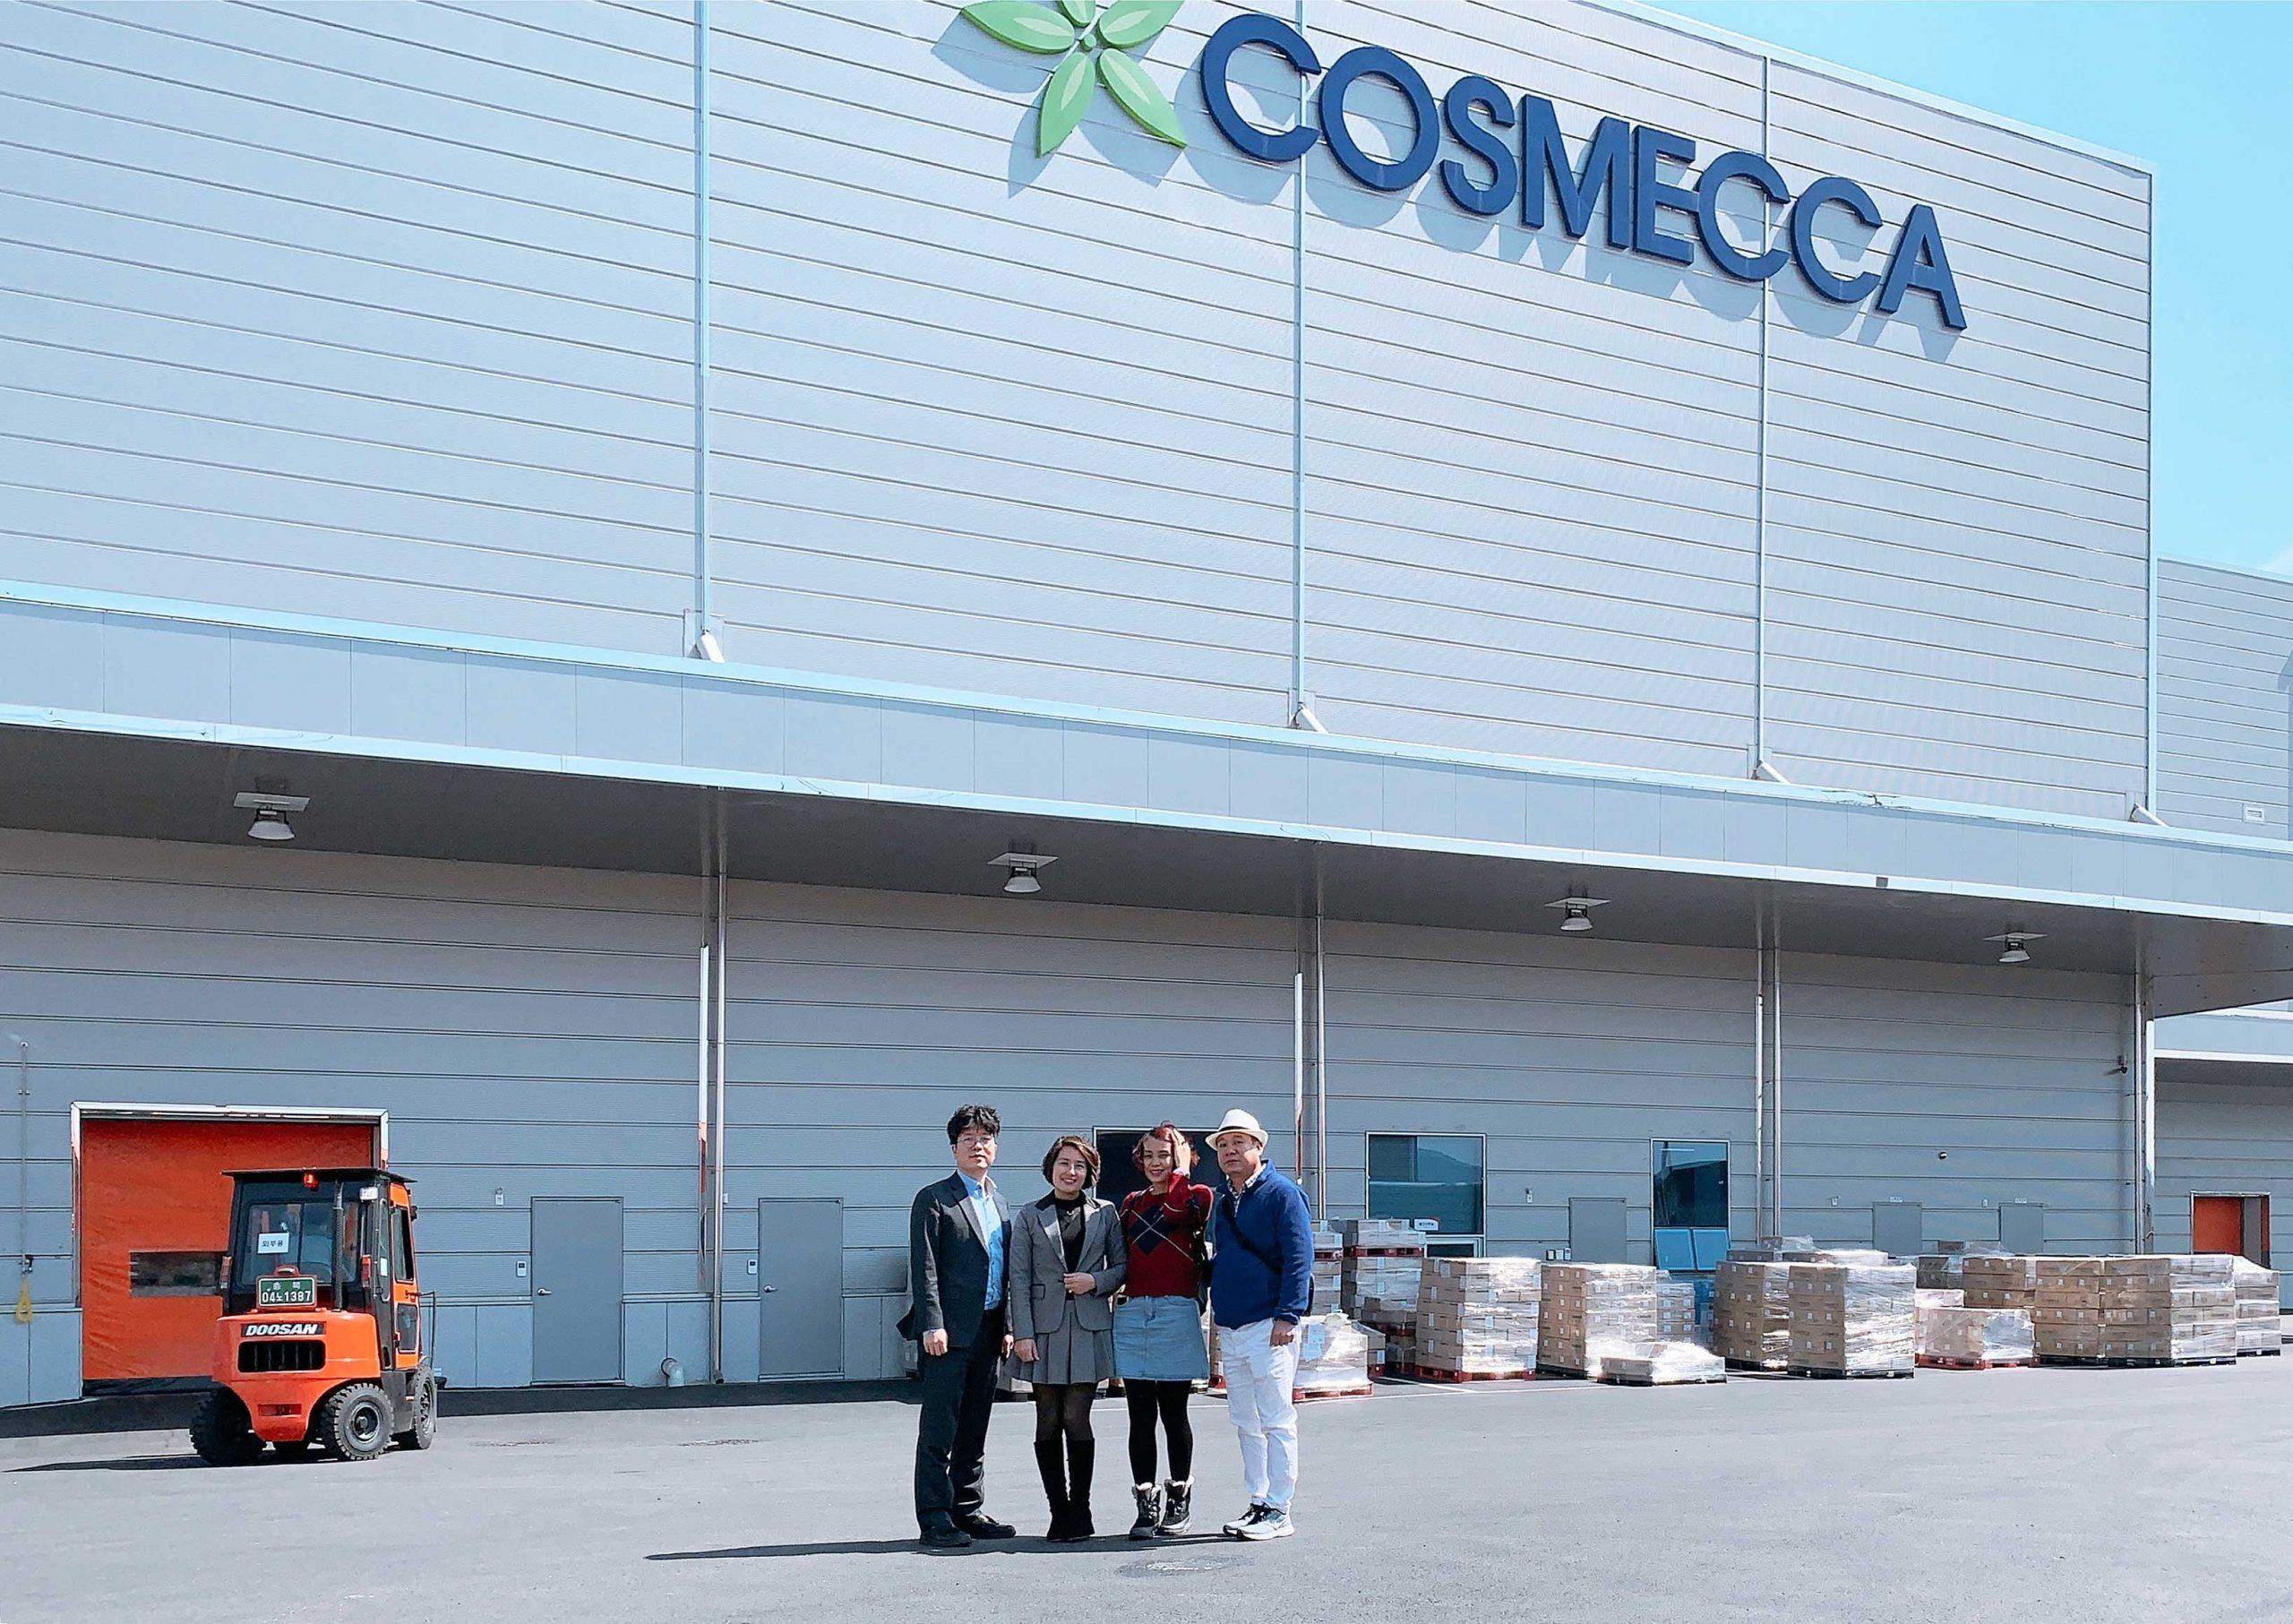 Cosmecca - 1 trong 3 tập đoàn sản xuất mỹ phẩm lớn nhất Hàn Quốc